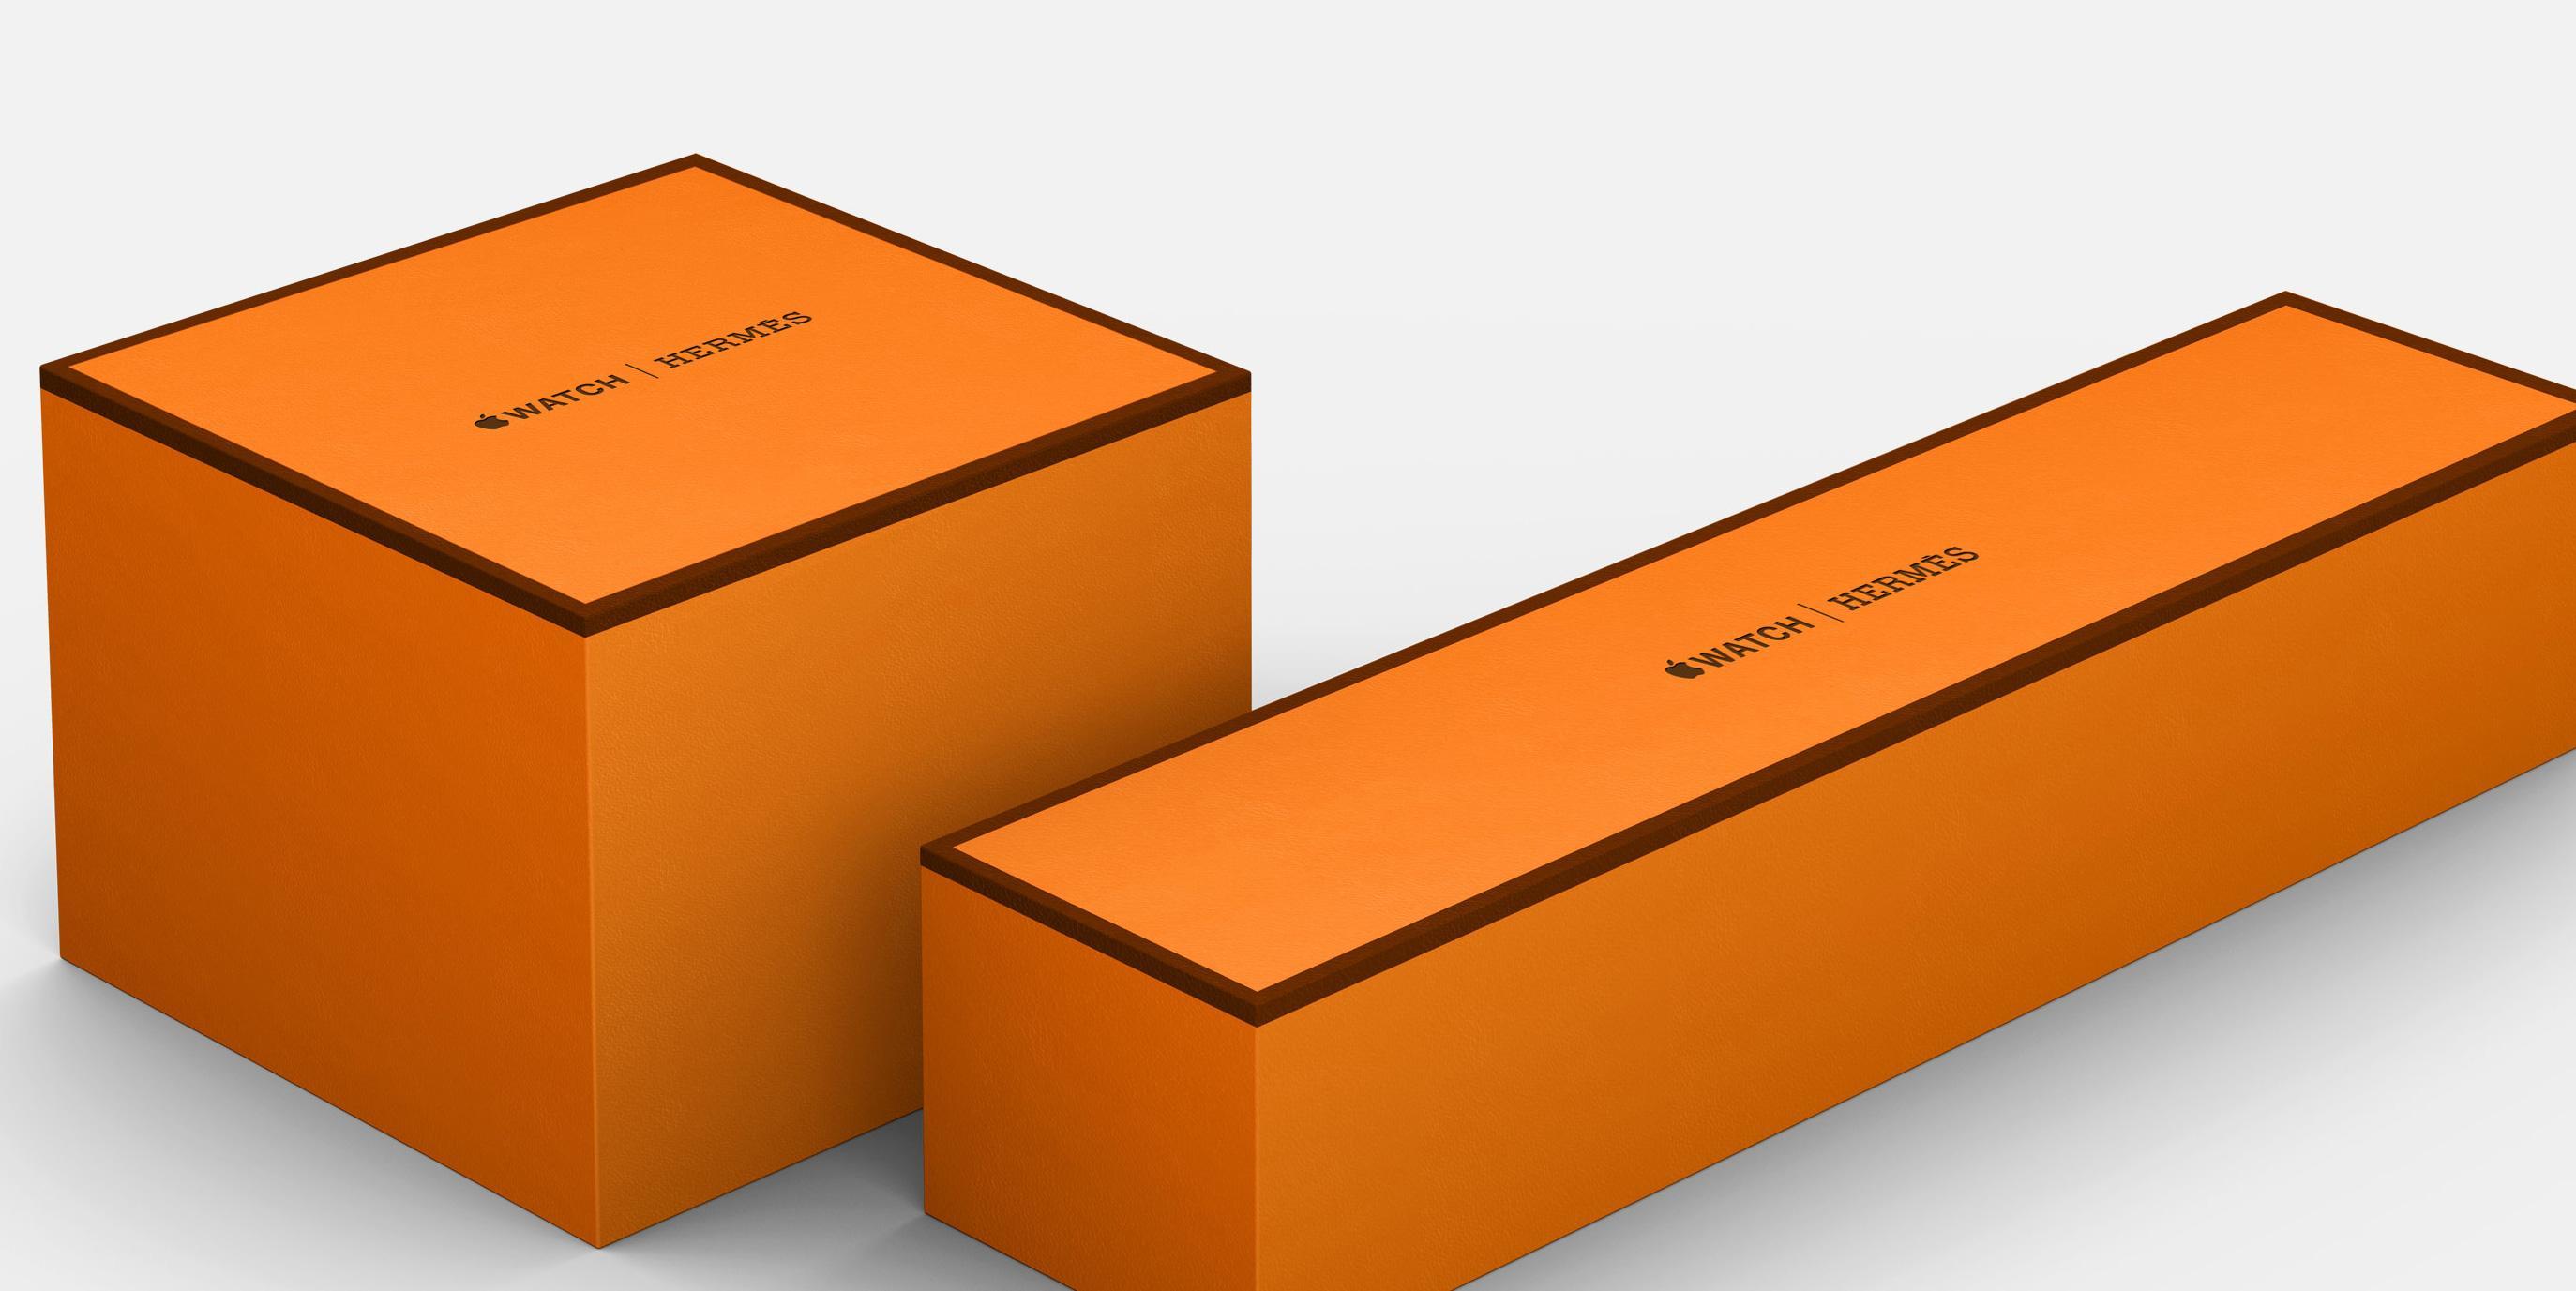 包装 包装设计 设计 箱子 2747_1377